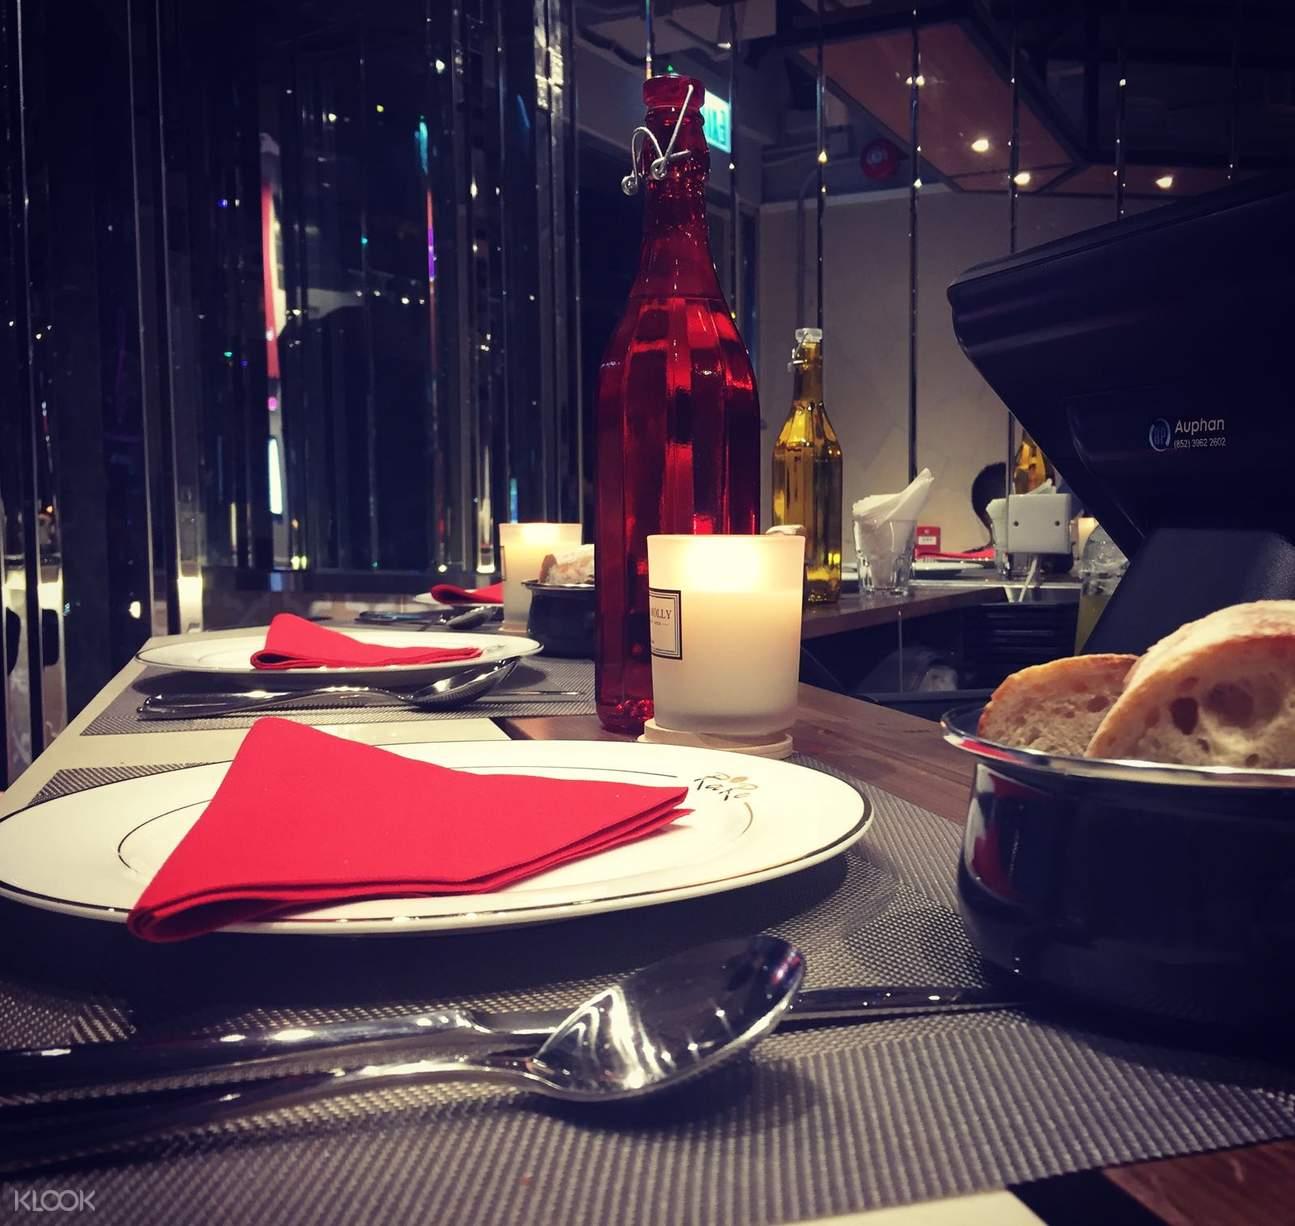 紅館- 香港中環的意大利菜餐廳(現金券/ 超值套餐)